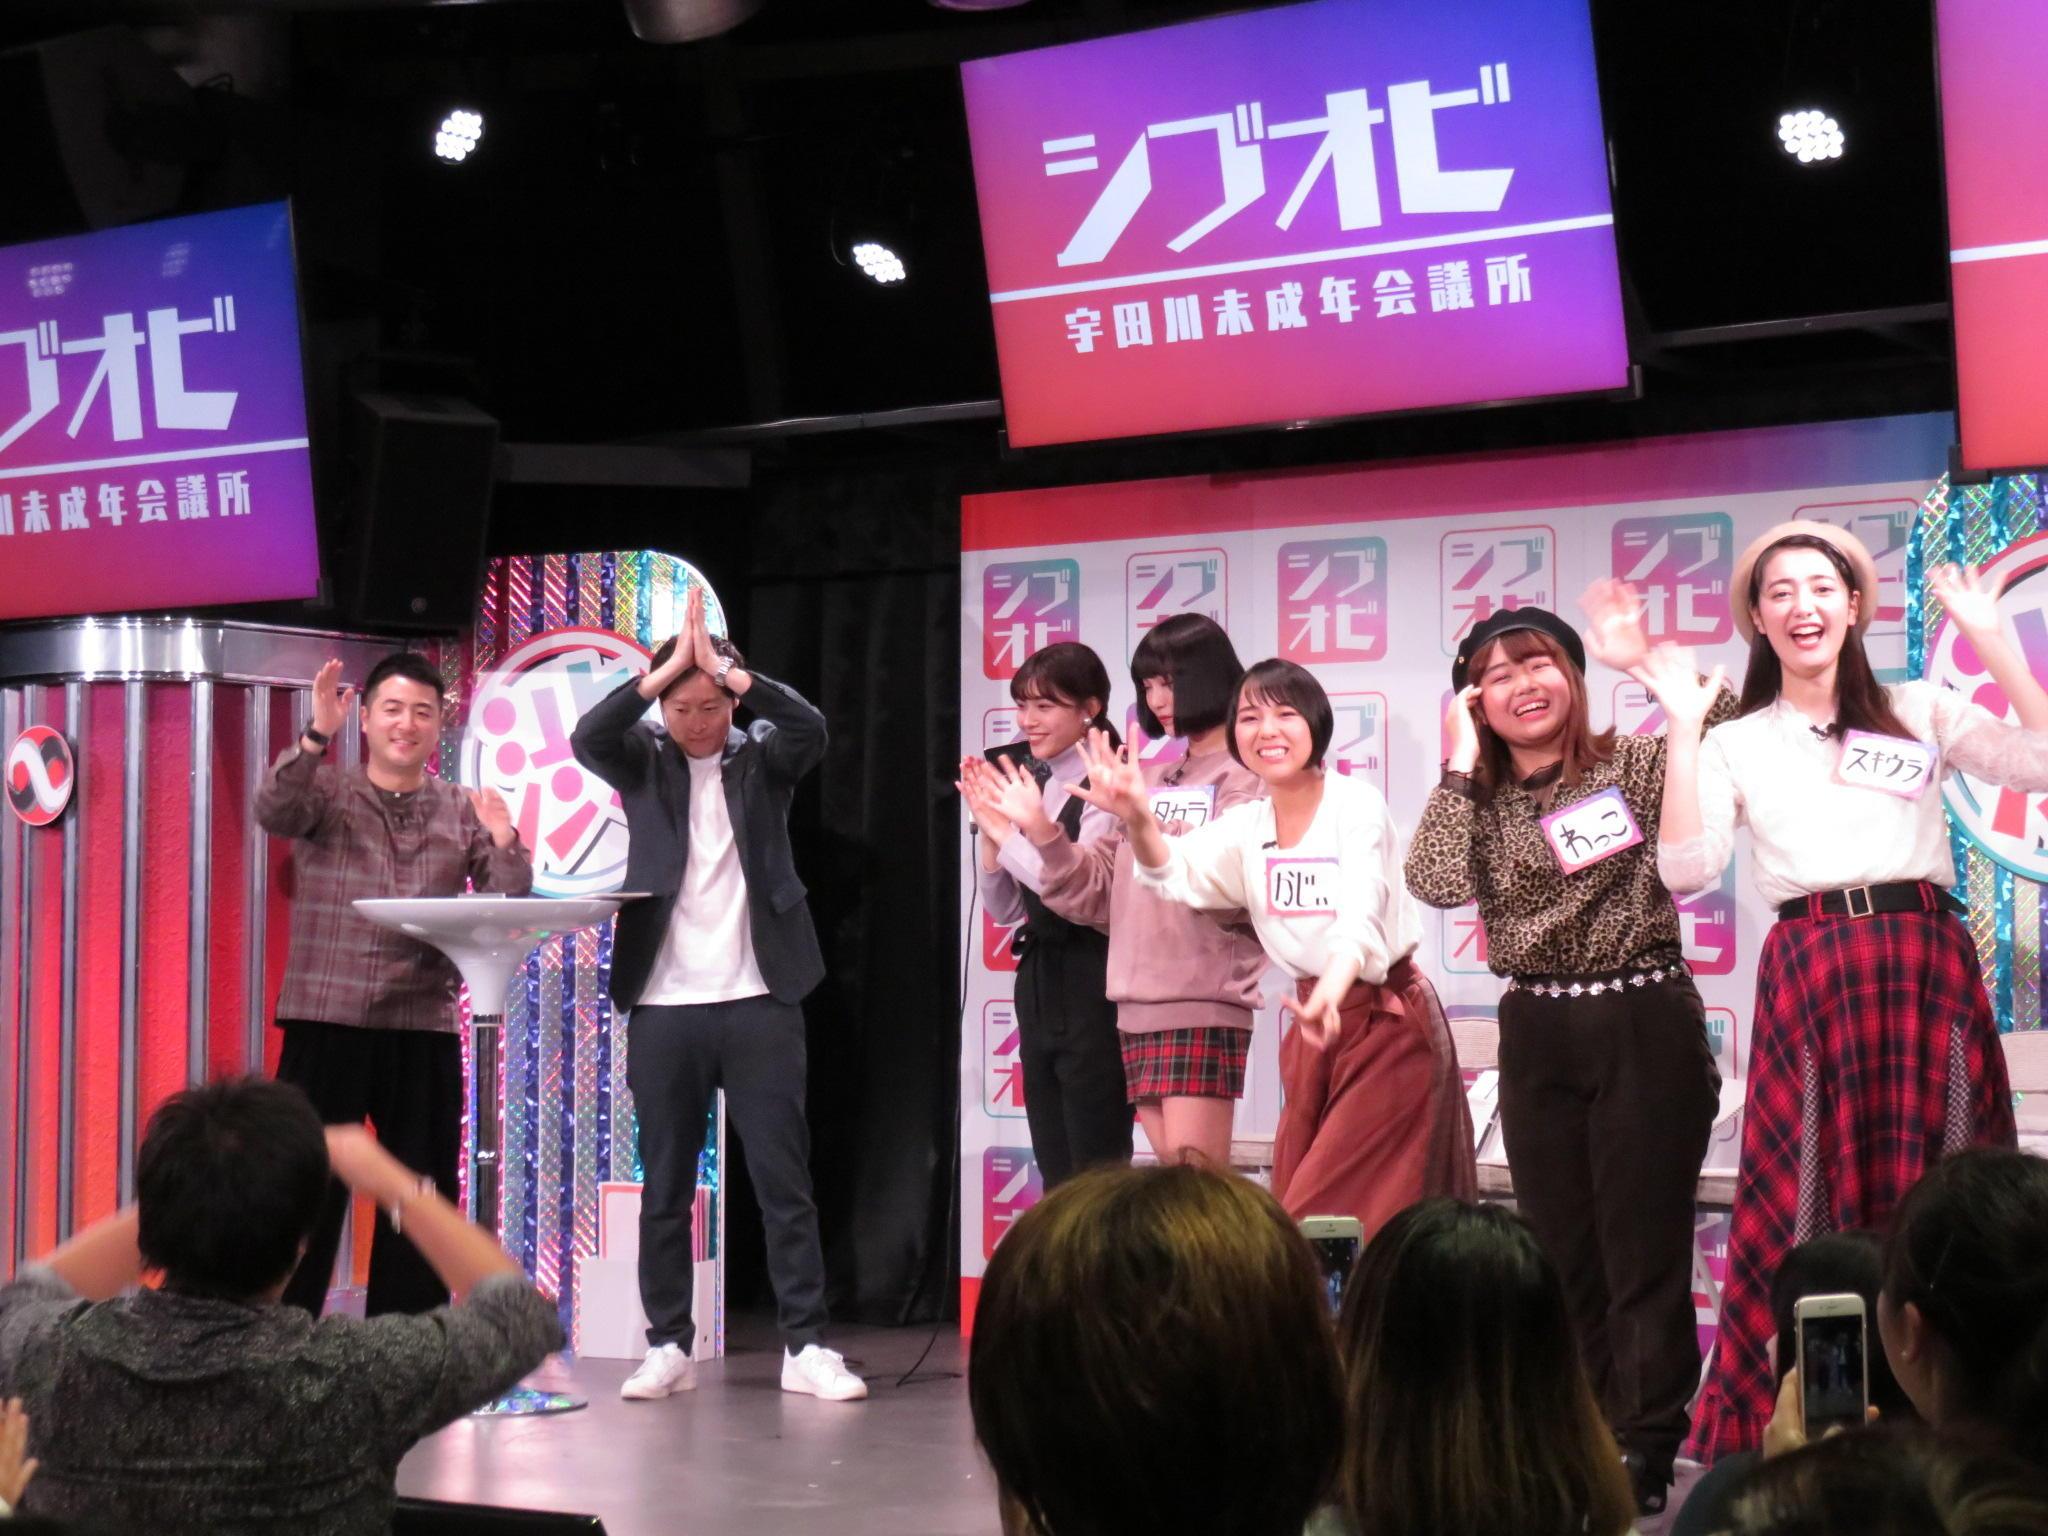 http://news.yoshimoto.co.jp/20181203202737-1dc1adfc7da4ce631f65ed8de07e8b37fc808f59.jpg